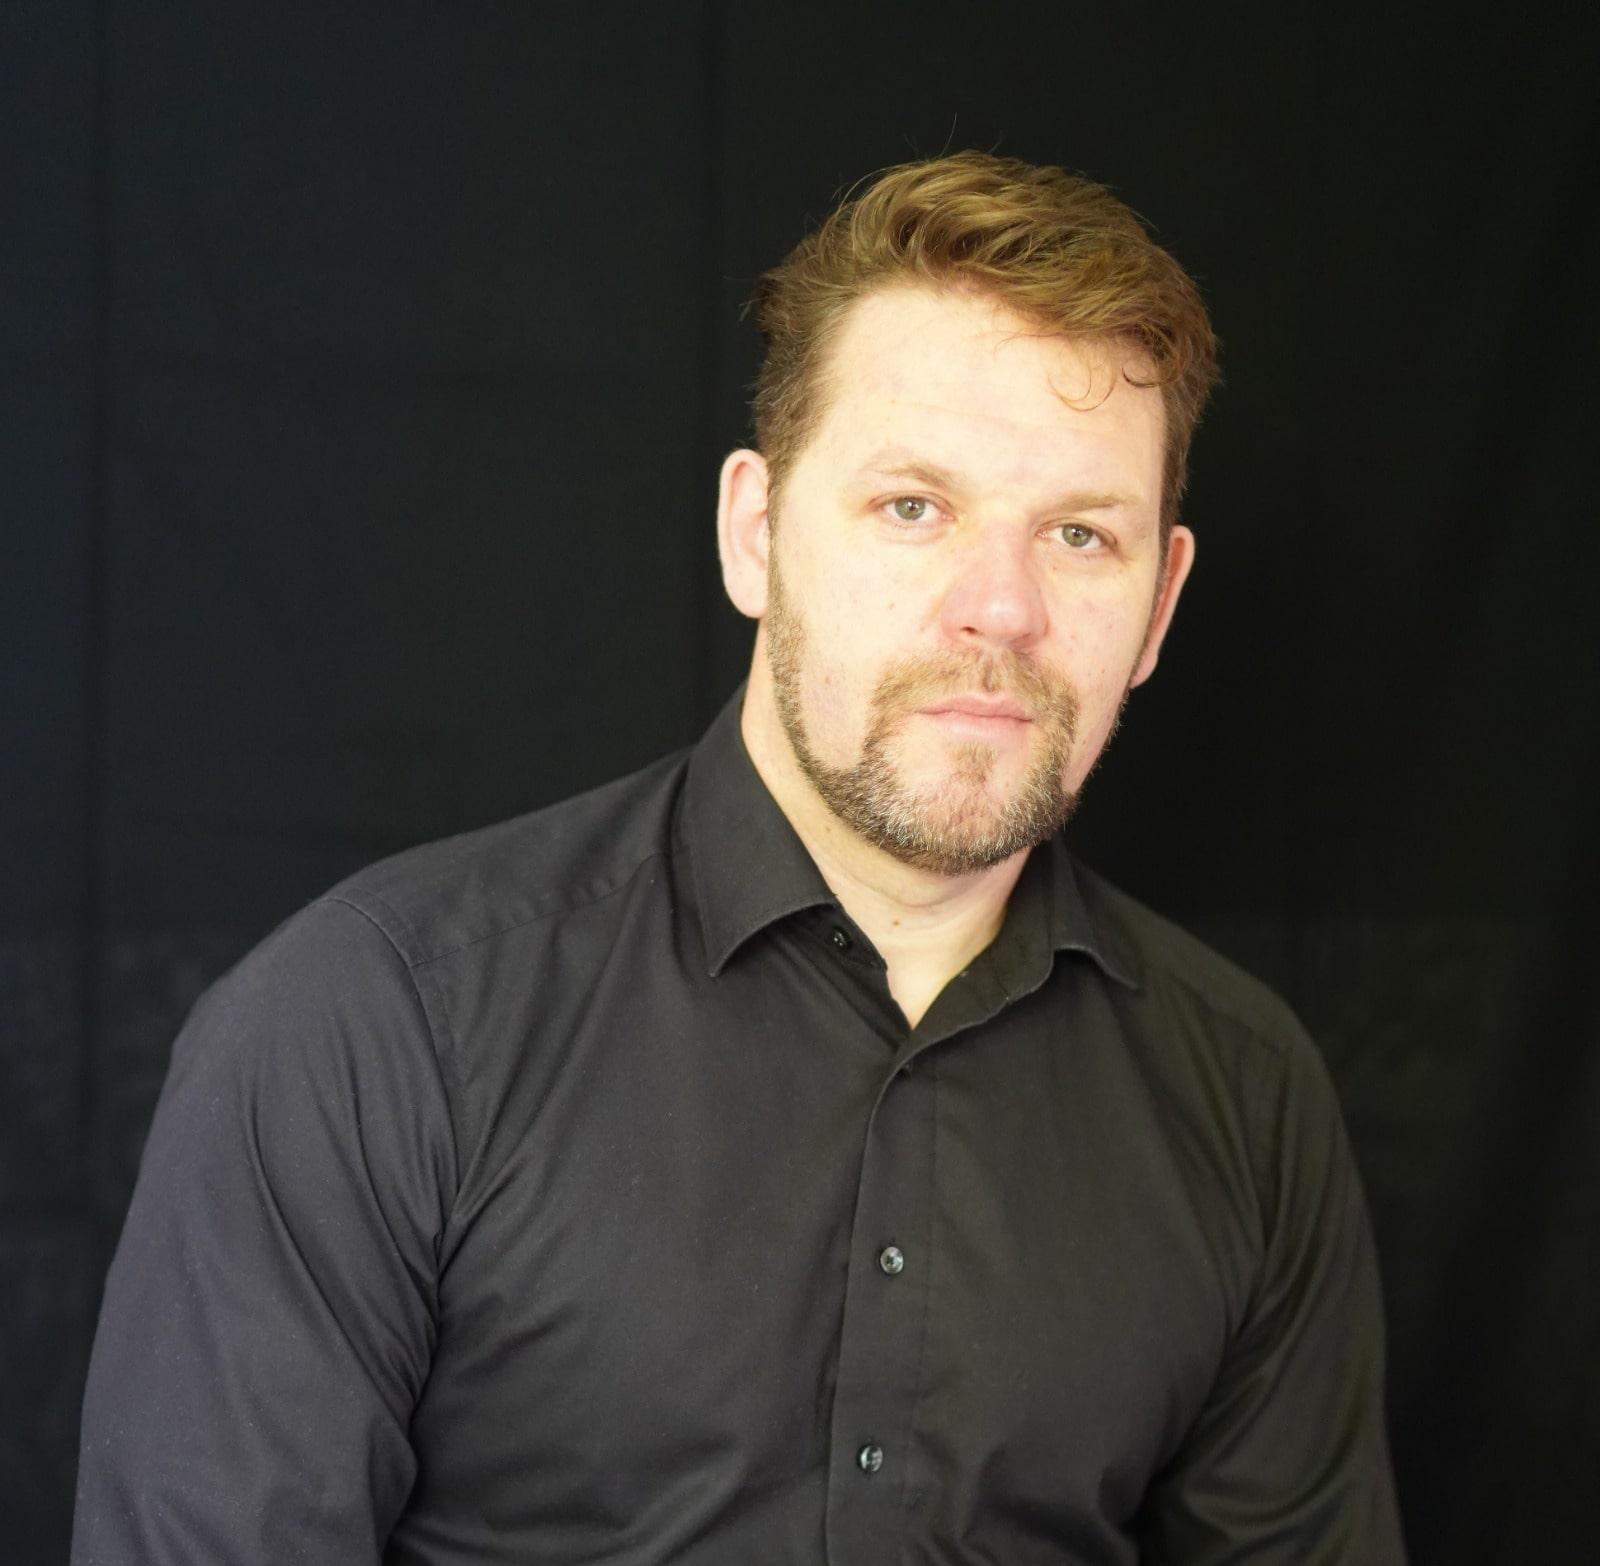 Miroslav Skender